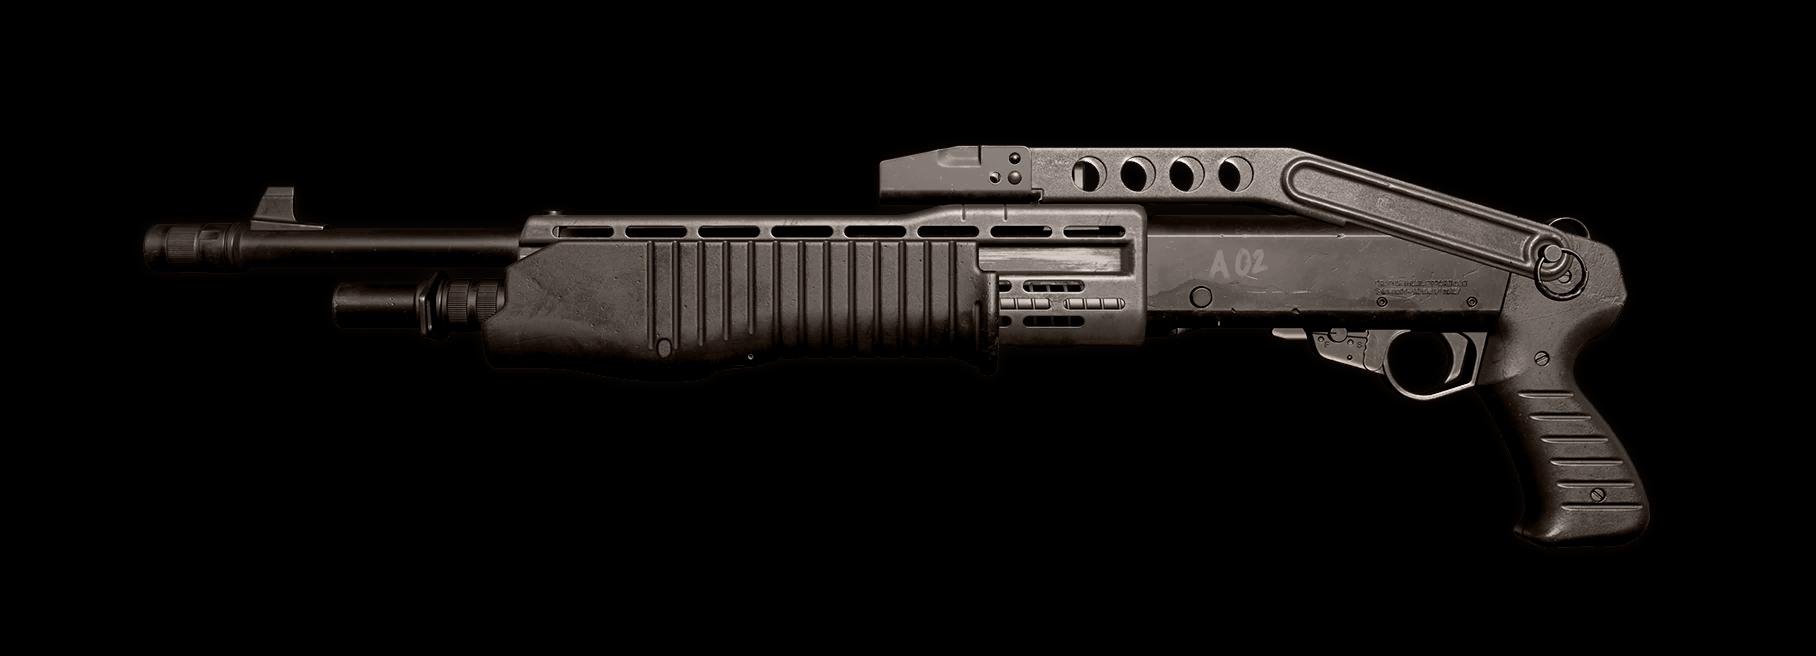 Image of Gallo SA12